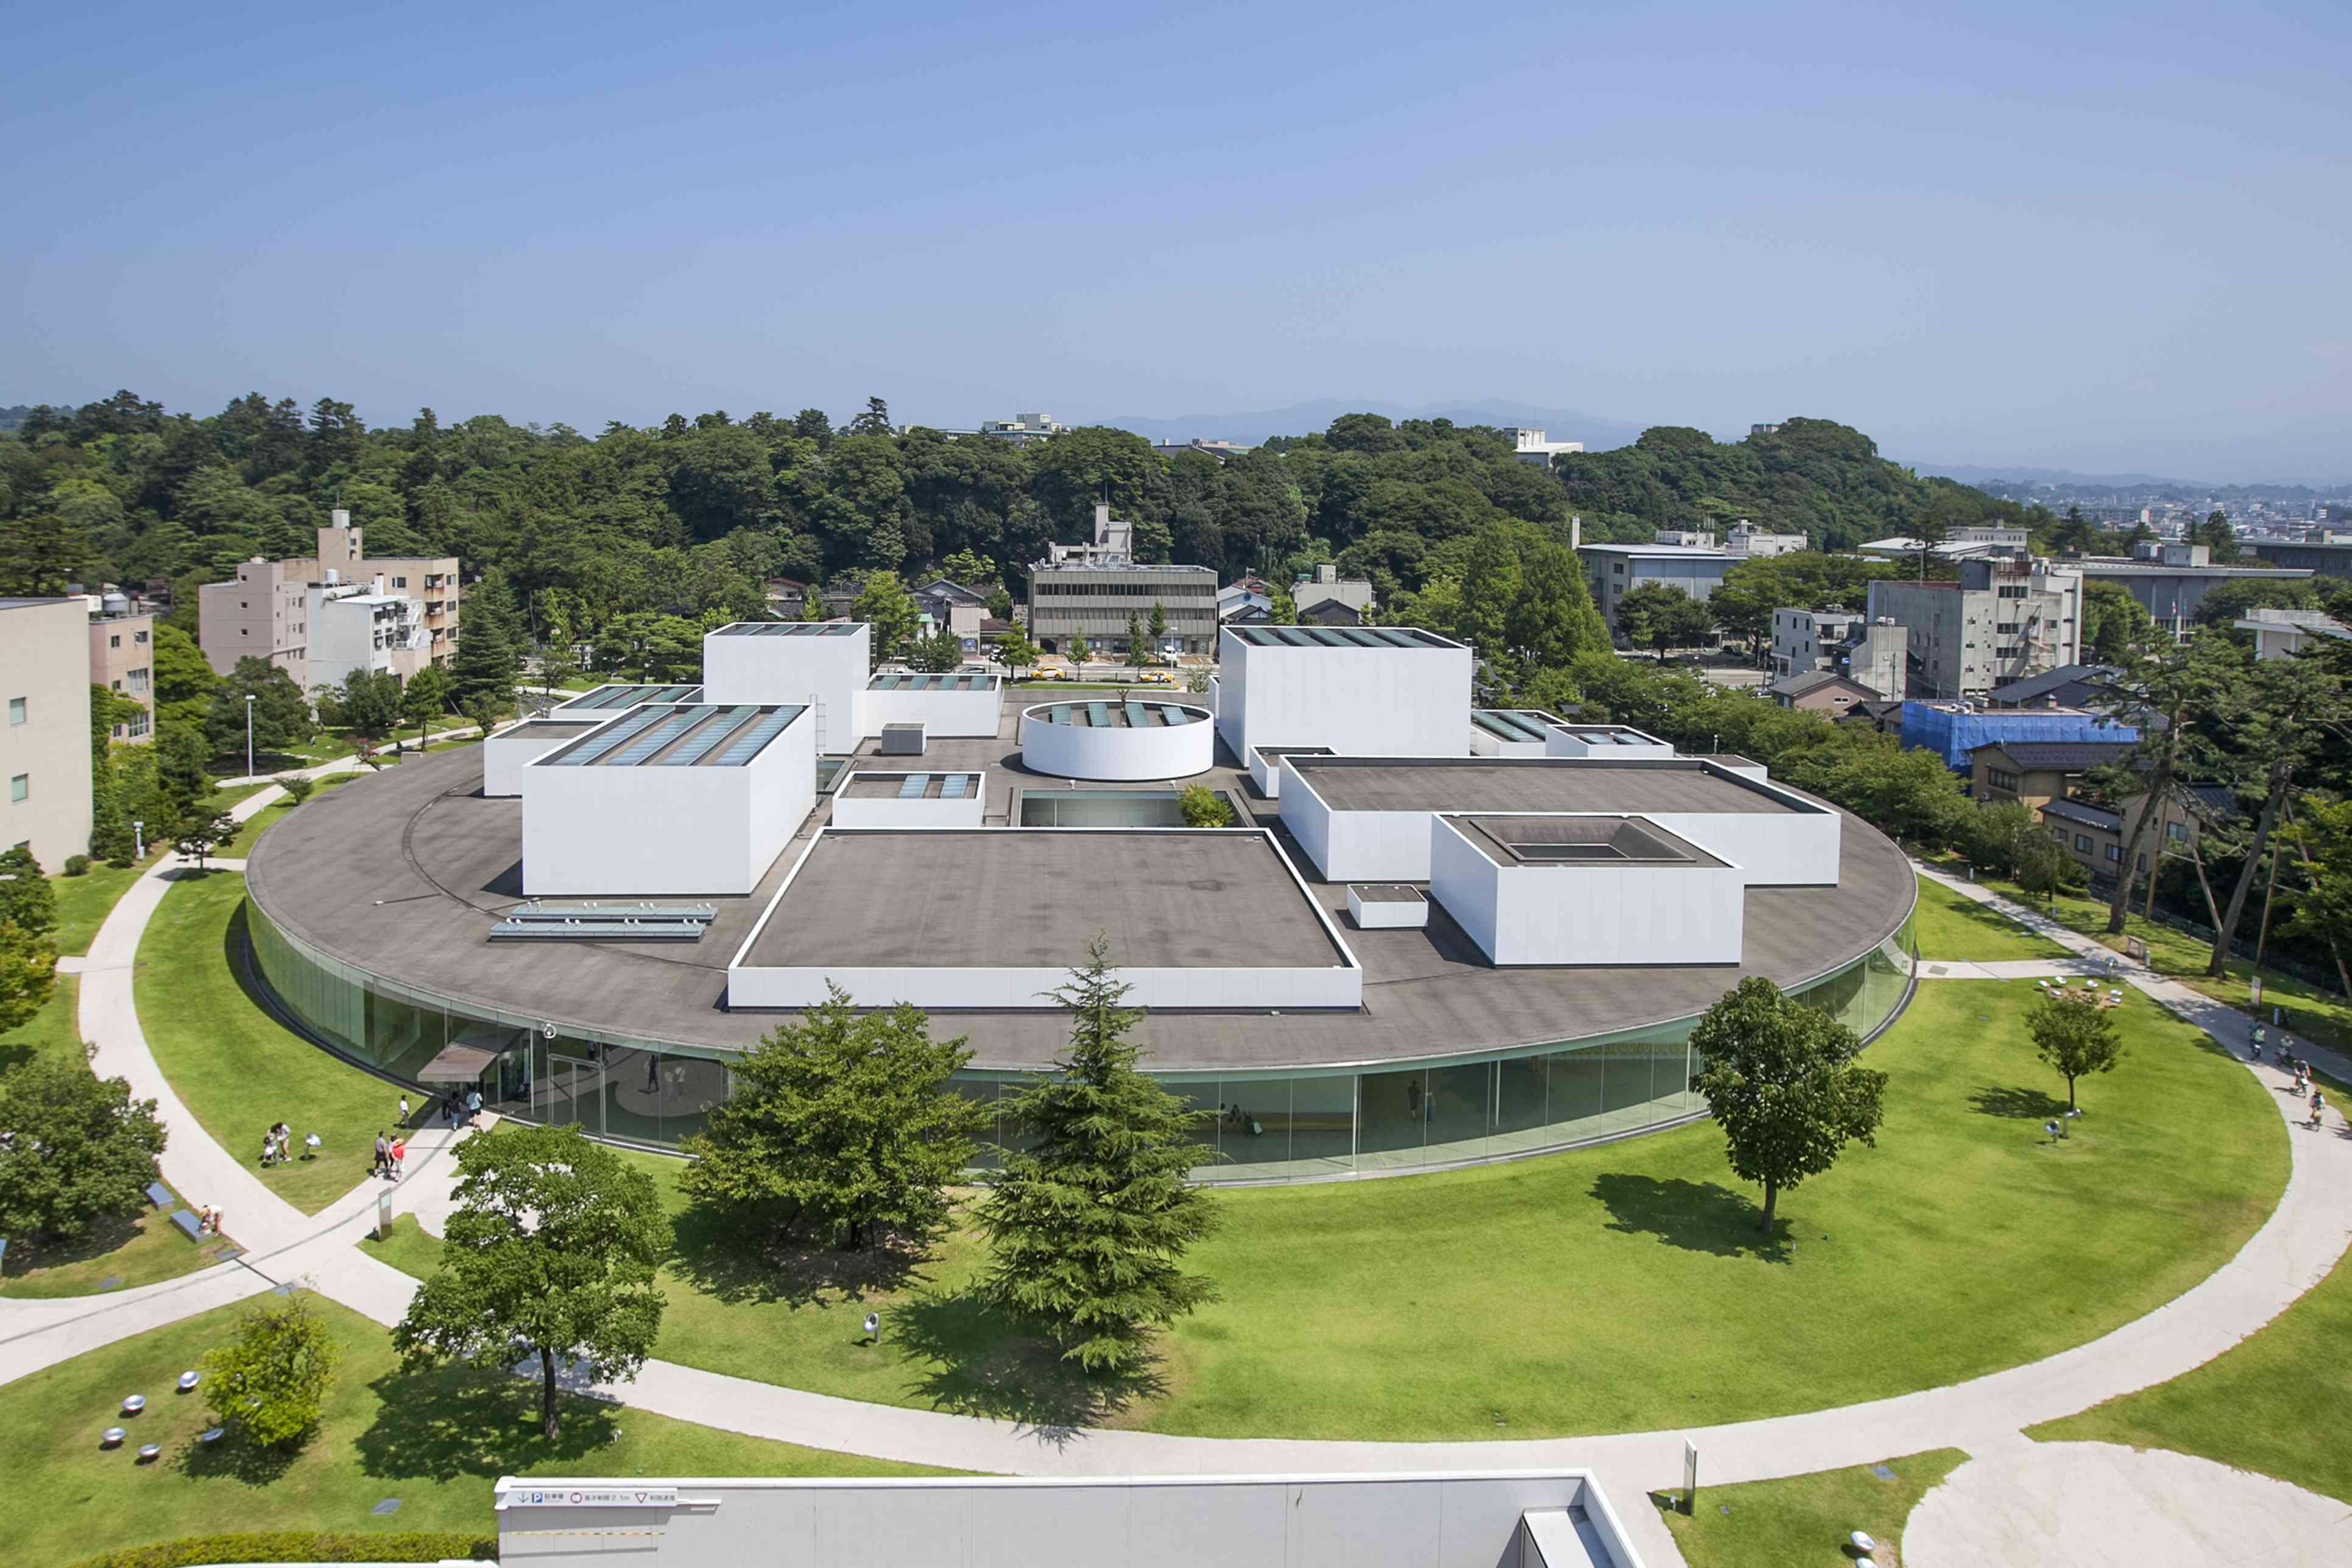 Aerial shot of 21st Century Museum of Contemporary Art in Kanazawa